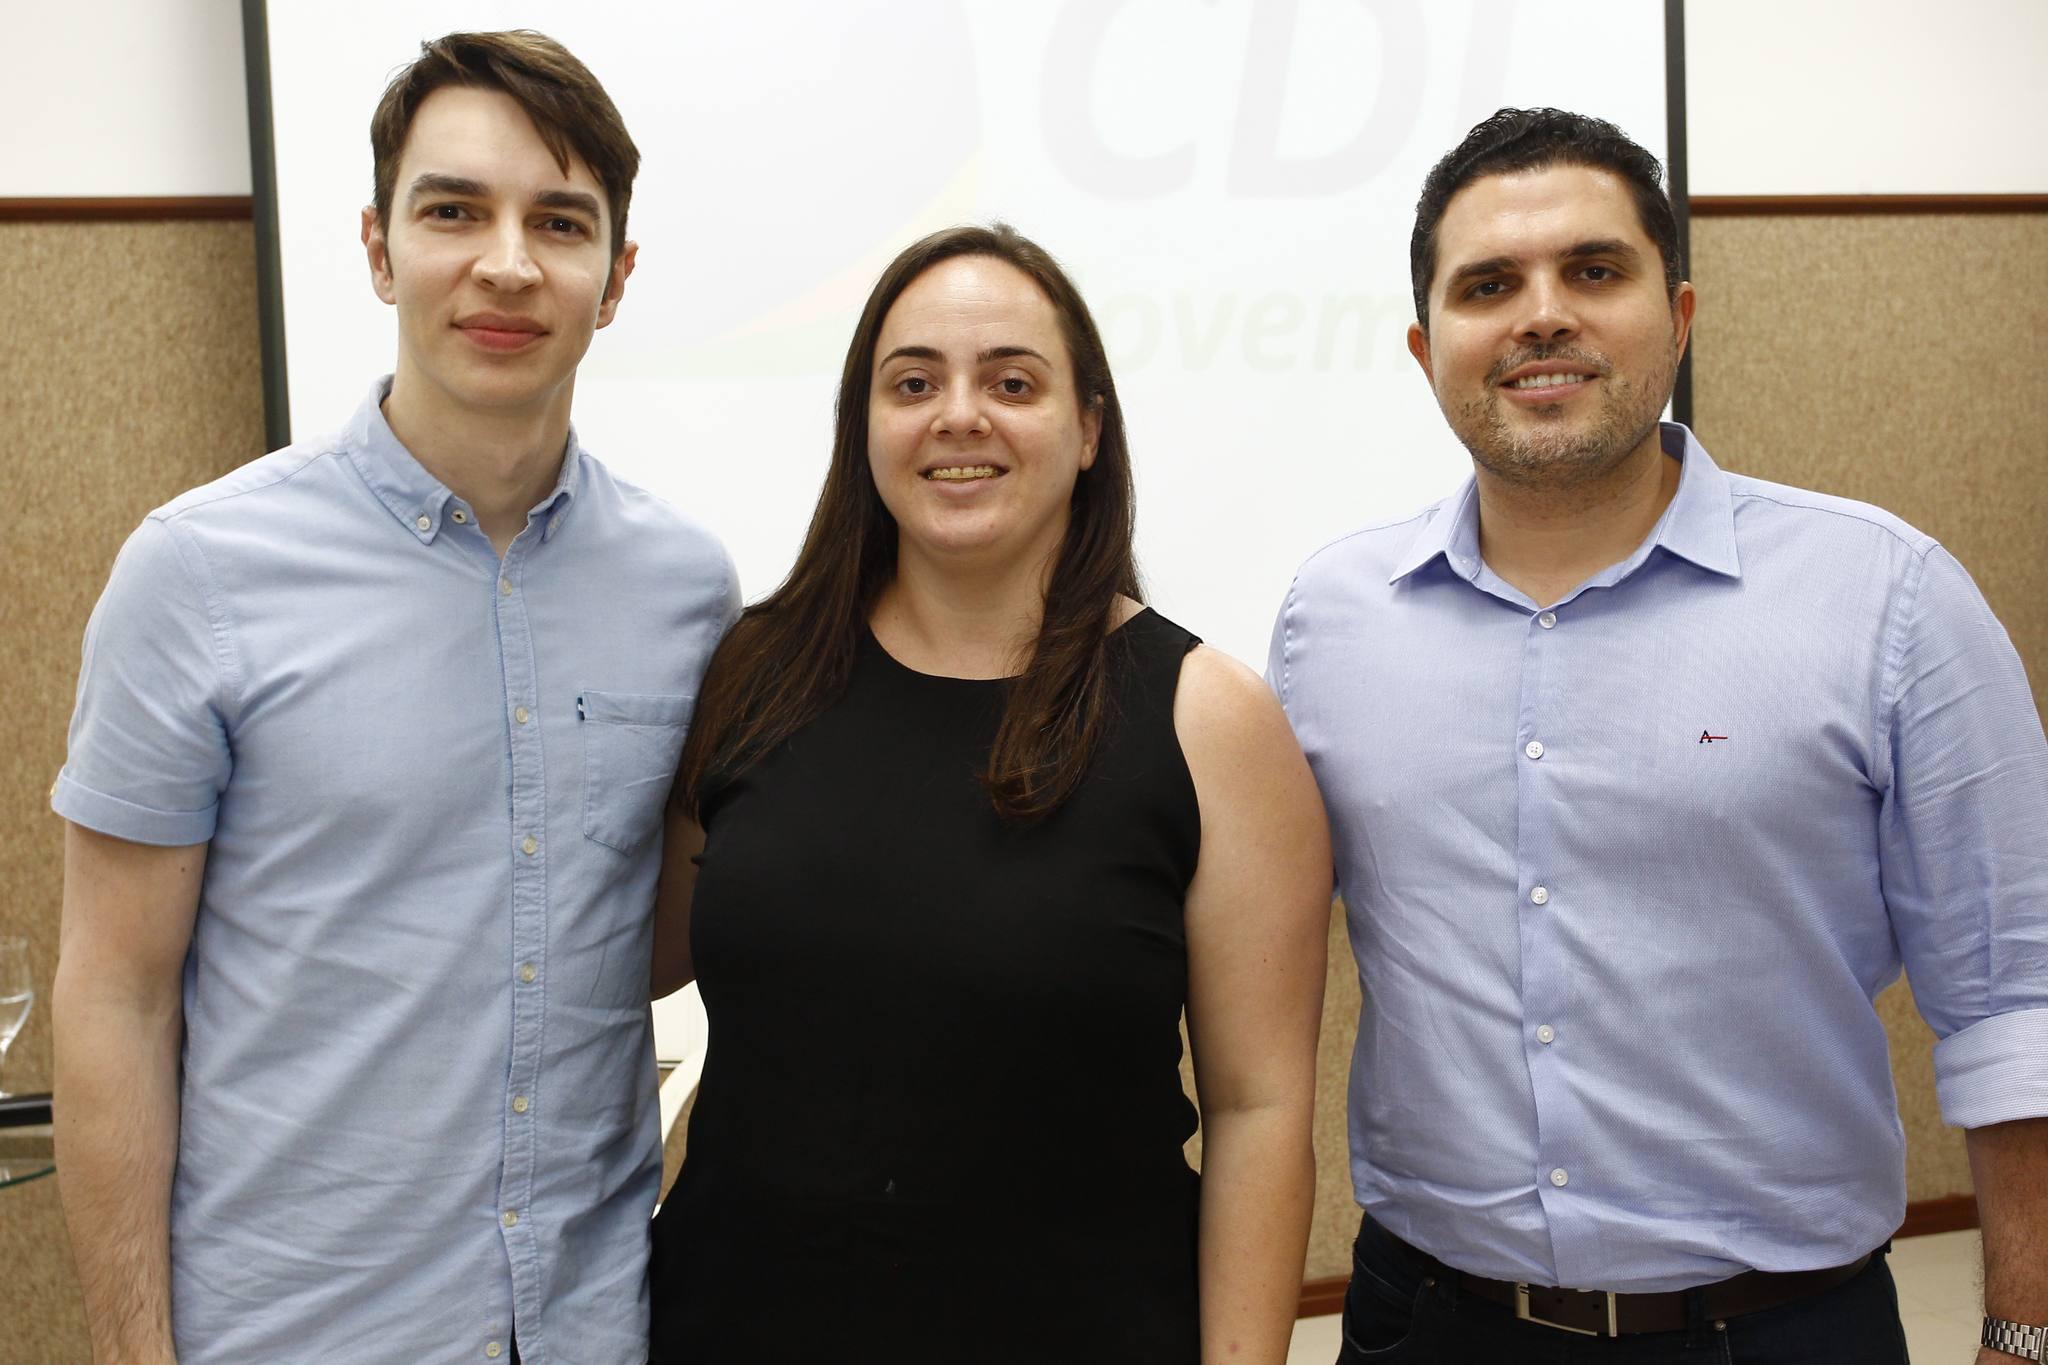 Andre Albuquerque, Aniele Pinzon E Rodrigo Castelo Branco